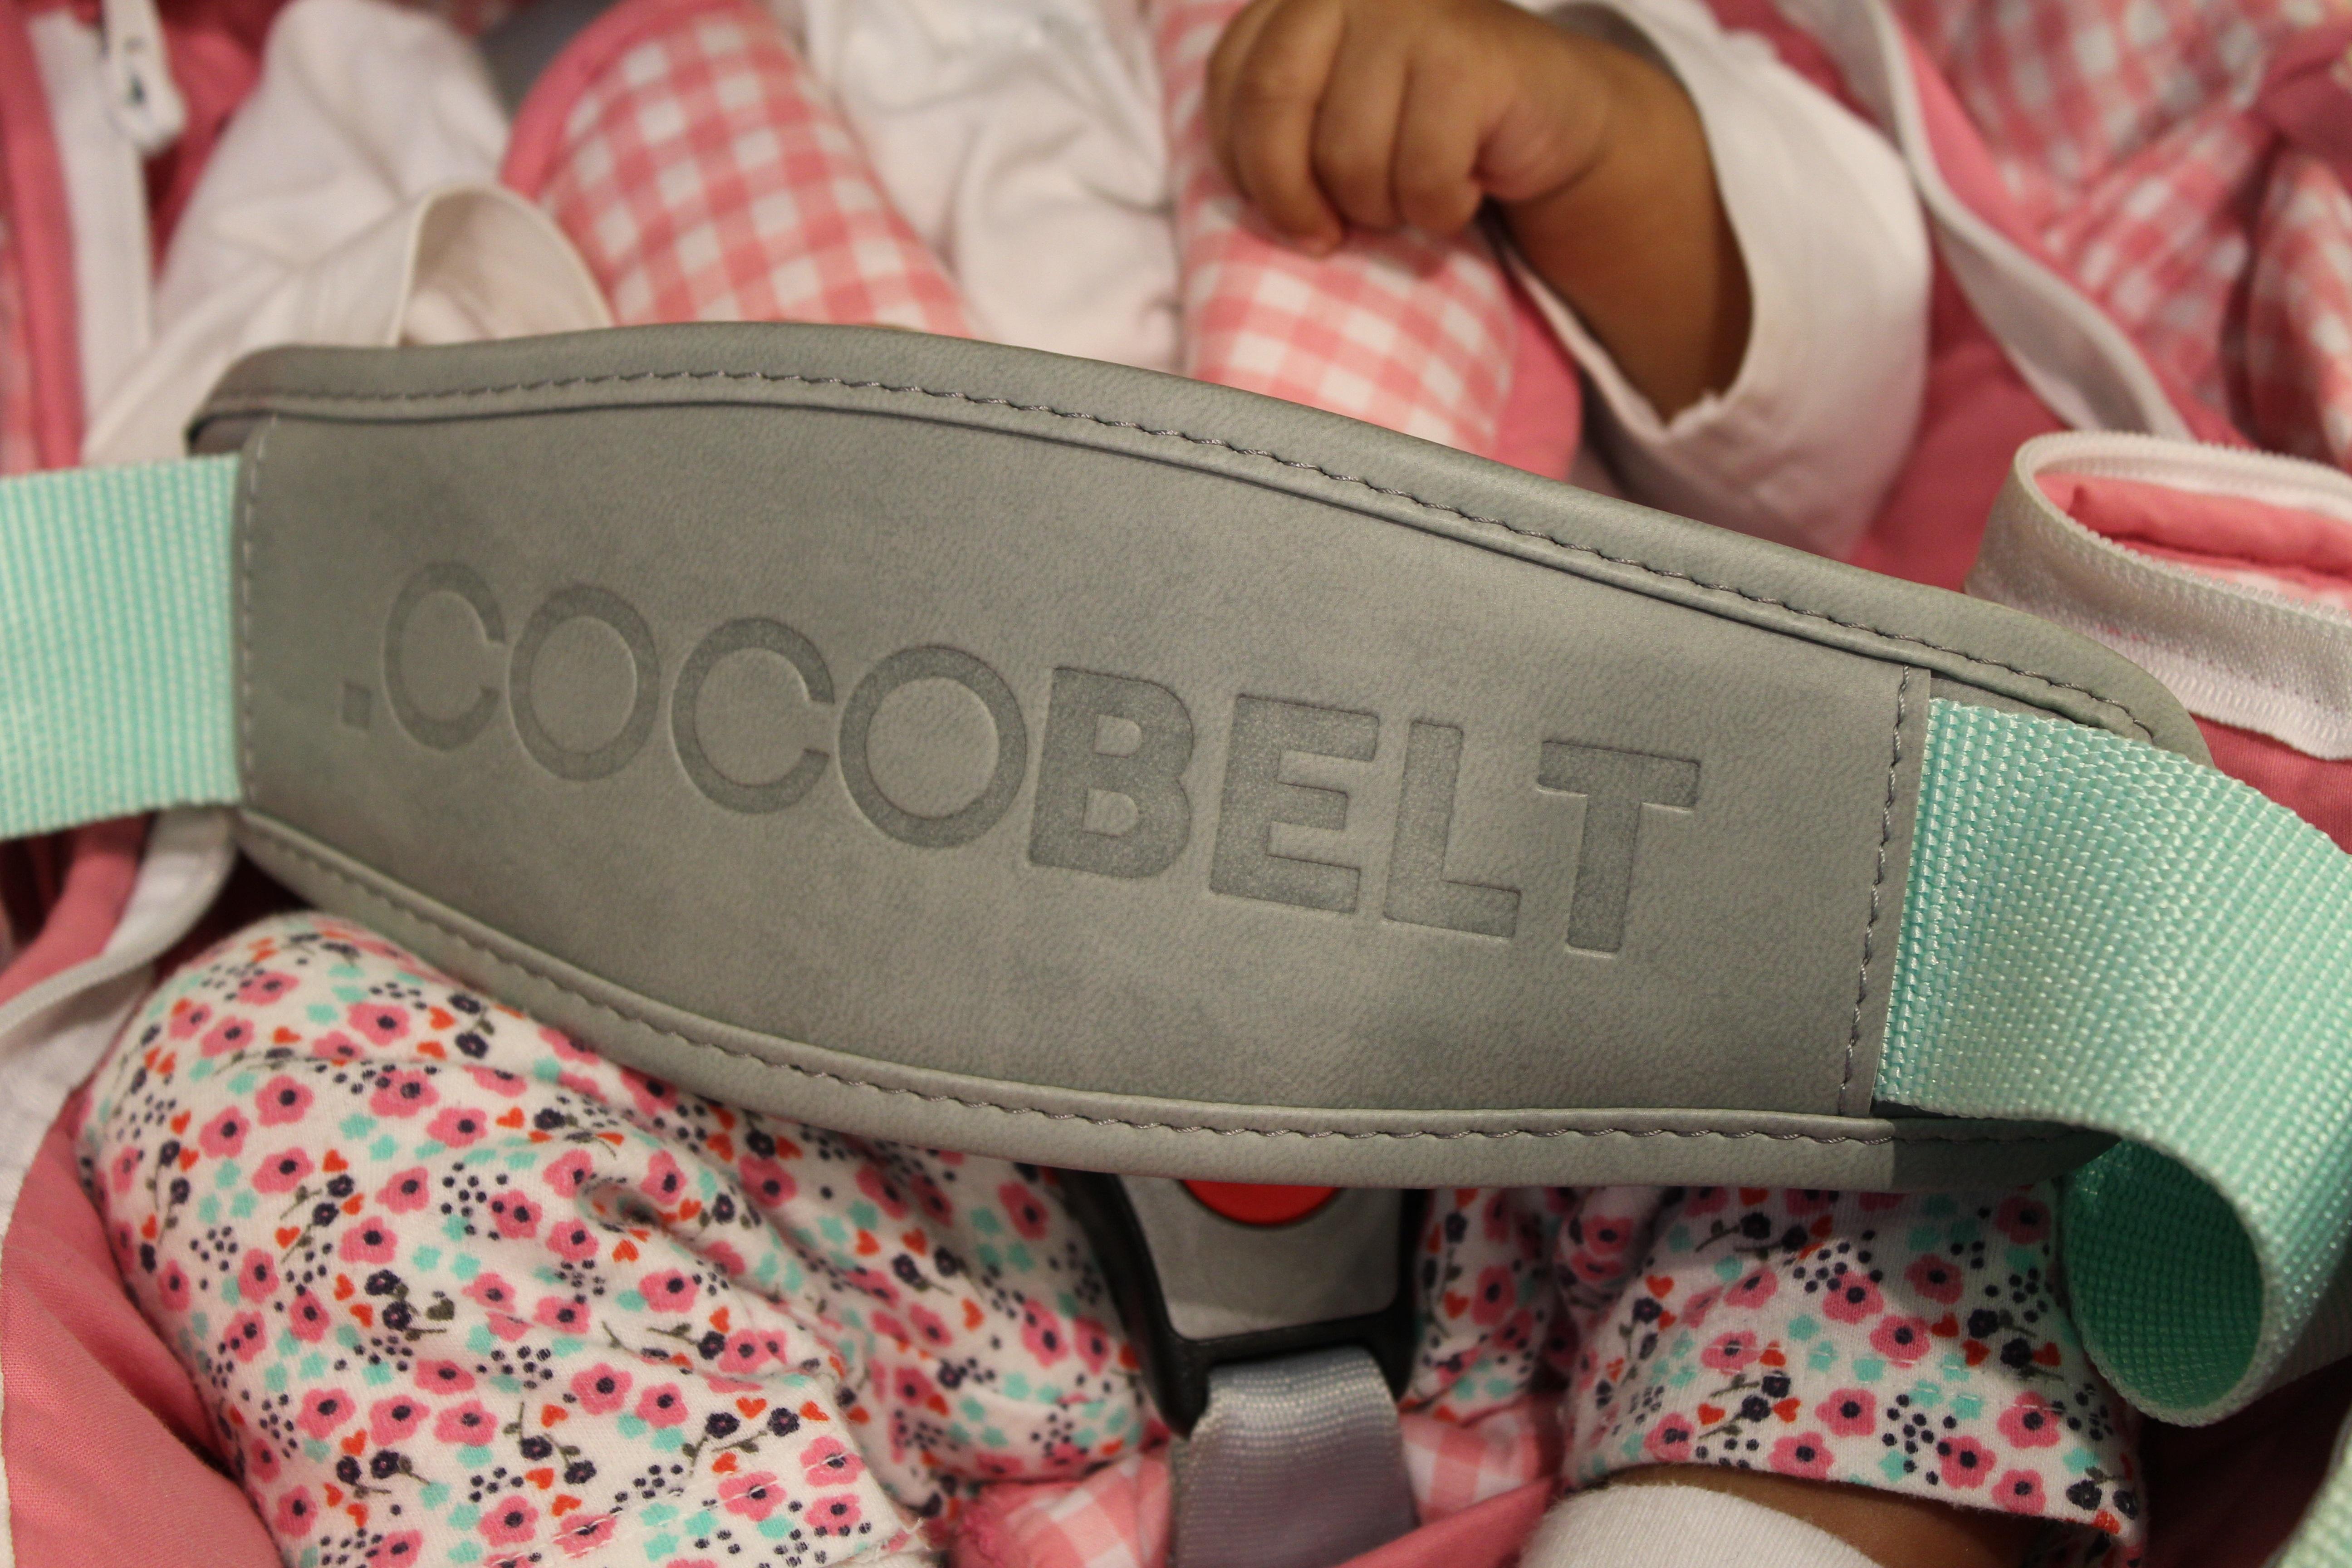 Cocobelt-review Cocobelt-ervaringen Cocobelt-GoodGirlsCompany-draagriem Maxi-Cosi